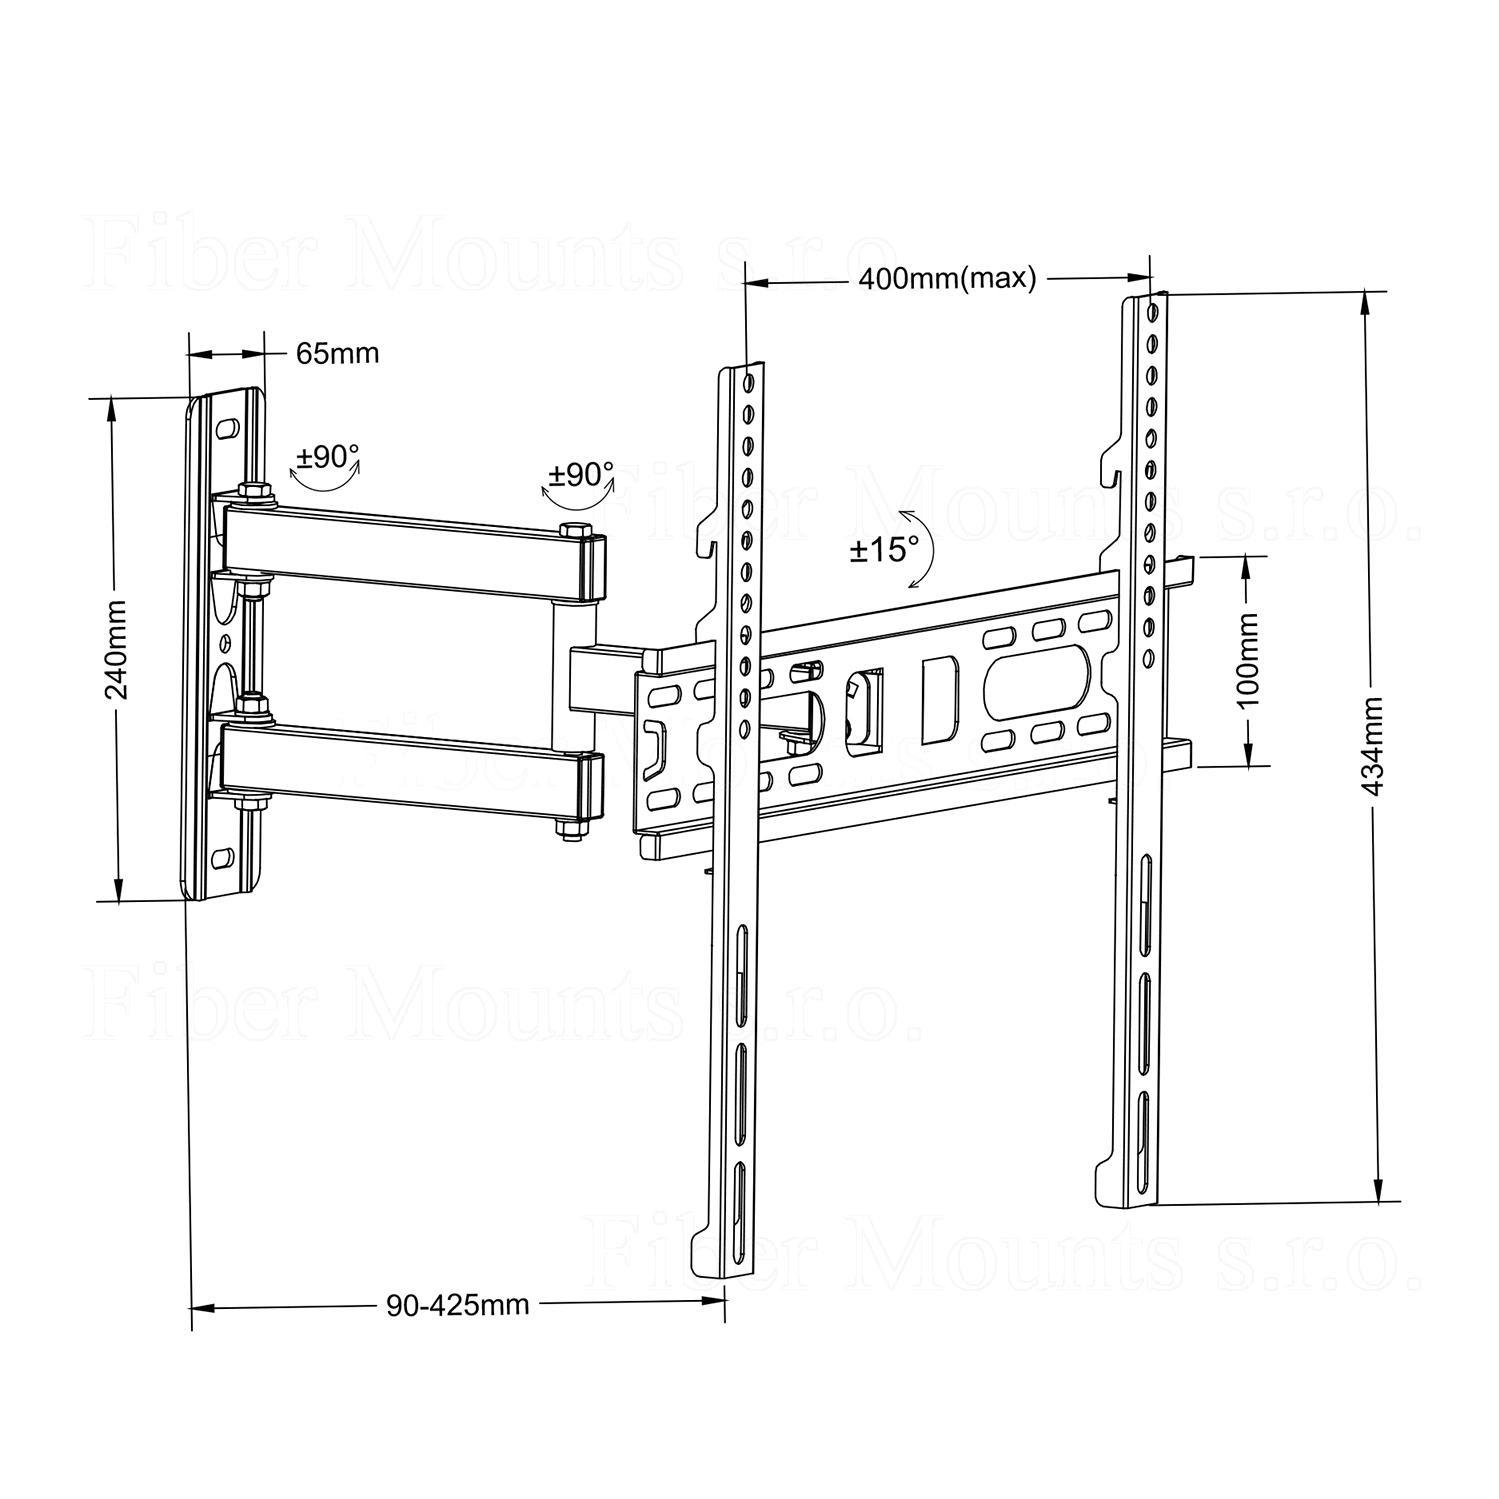 Kvalitní ocelový držák na Tv, zavěšení na stěnu, kloubový - otočný do stran, sklopný, délkově nastavitelný. Nosnost 30kg, VESA 100x100 až 400x400, doporučená úhlopříčka Tv 26-55 palců - Fiber Mounts FM761 / drzakyastolky.cz